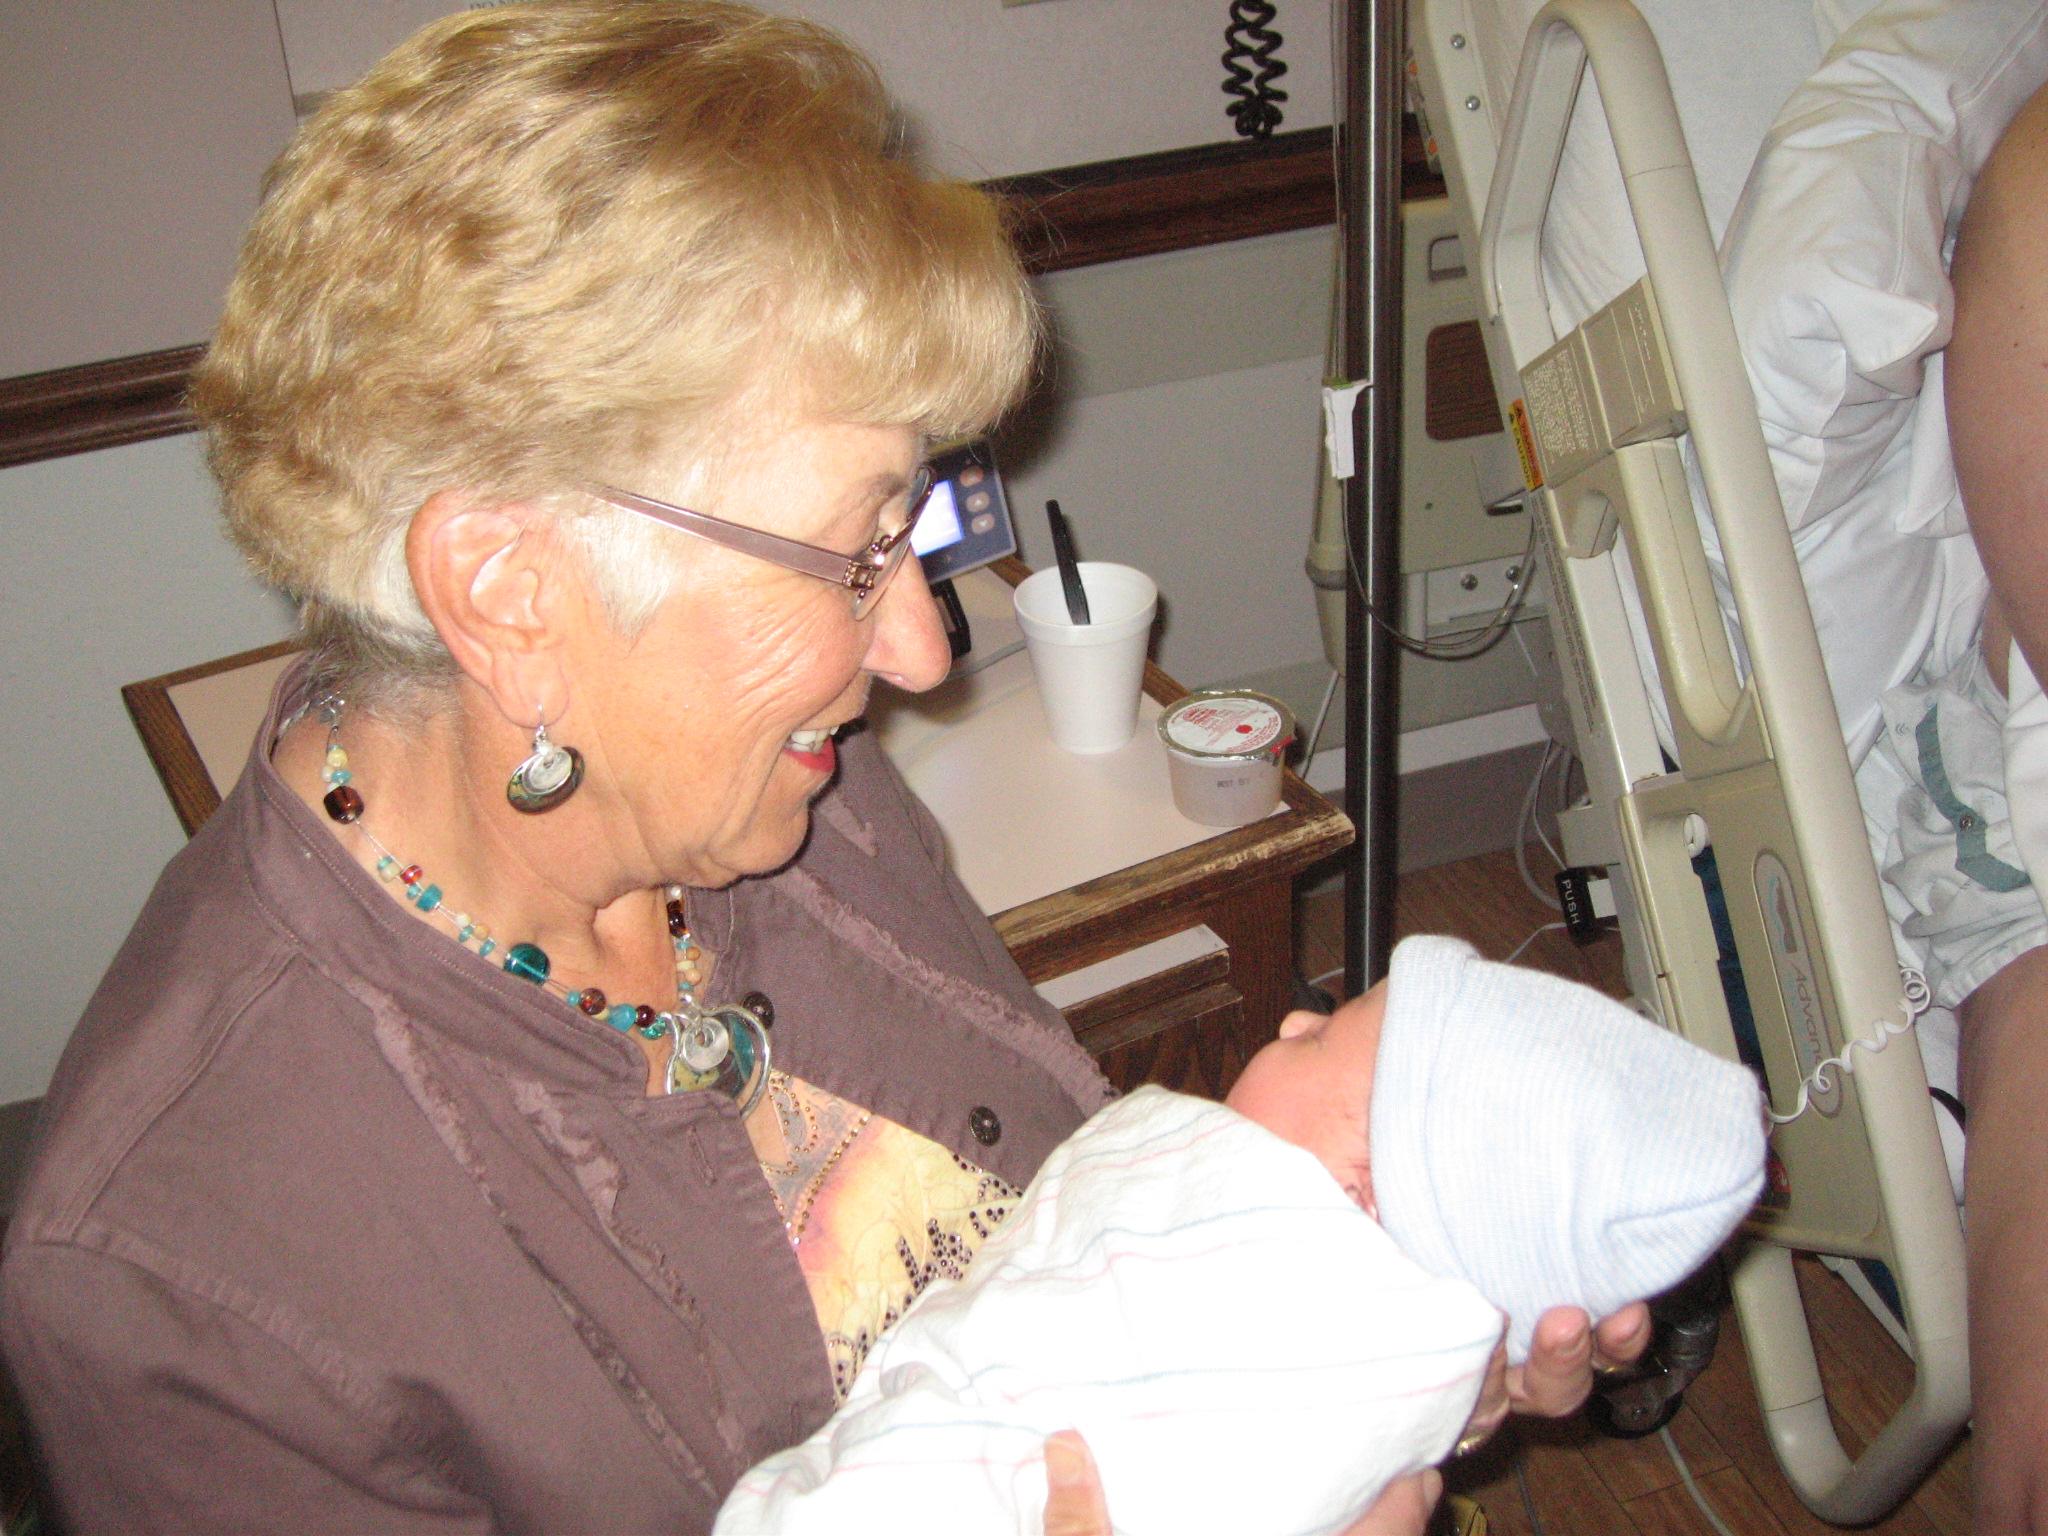 Grandma Miller